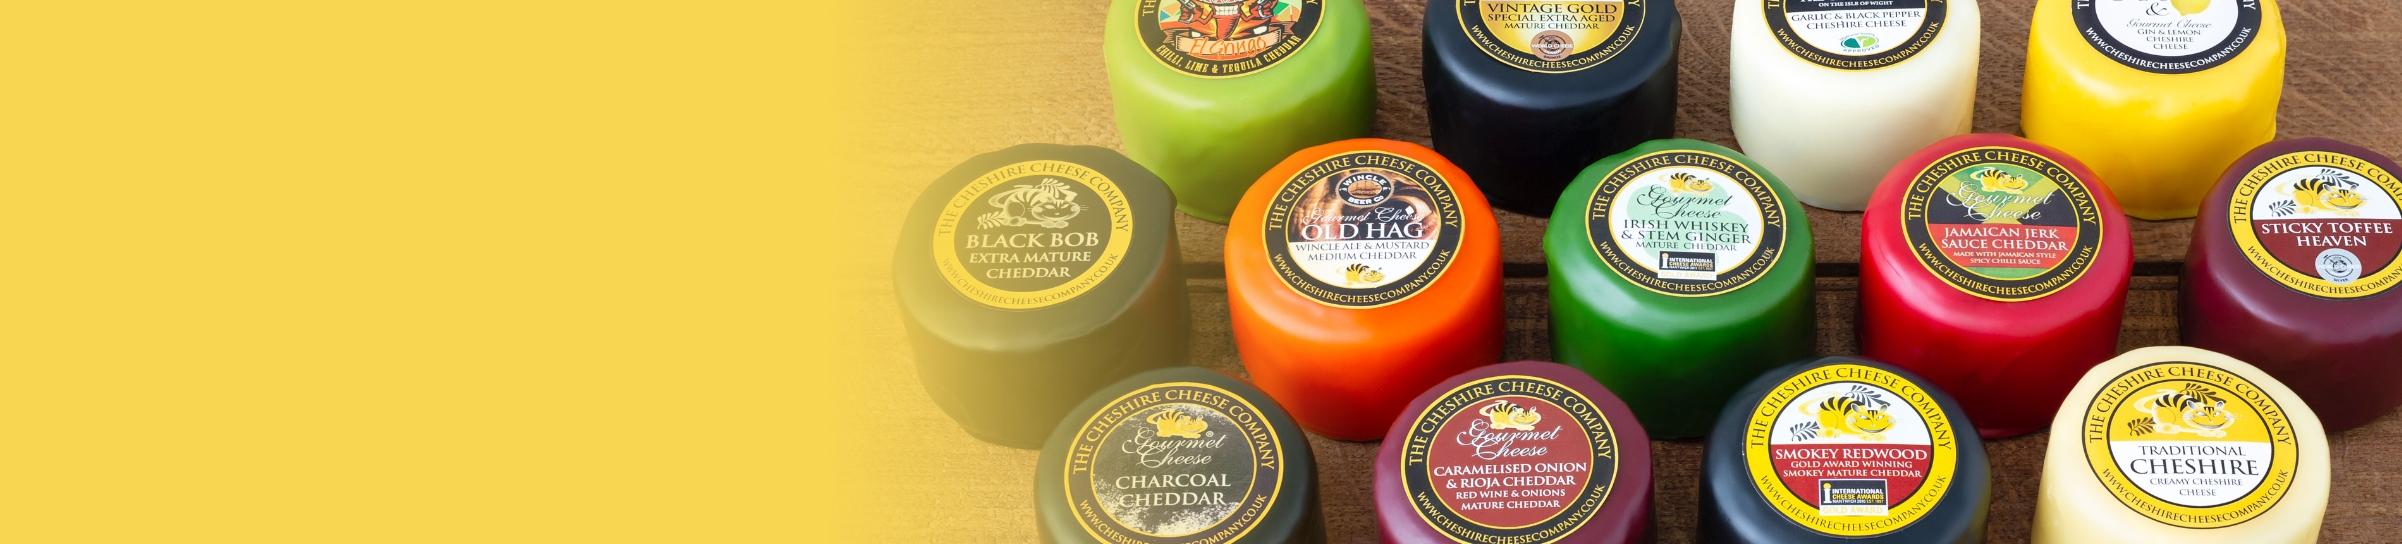 Cheshire Cheese Wholesale